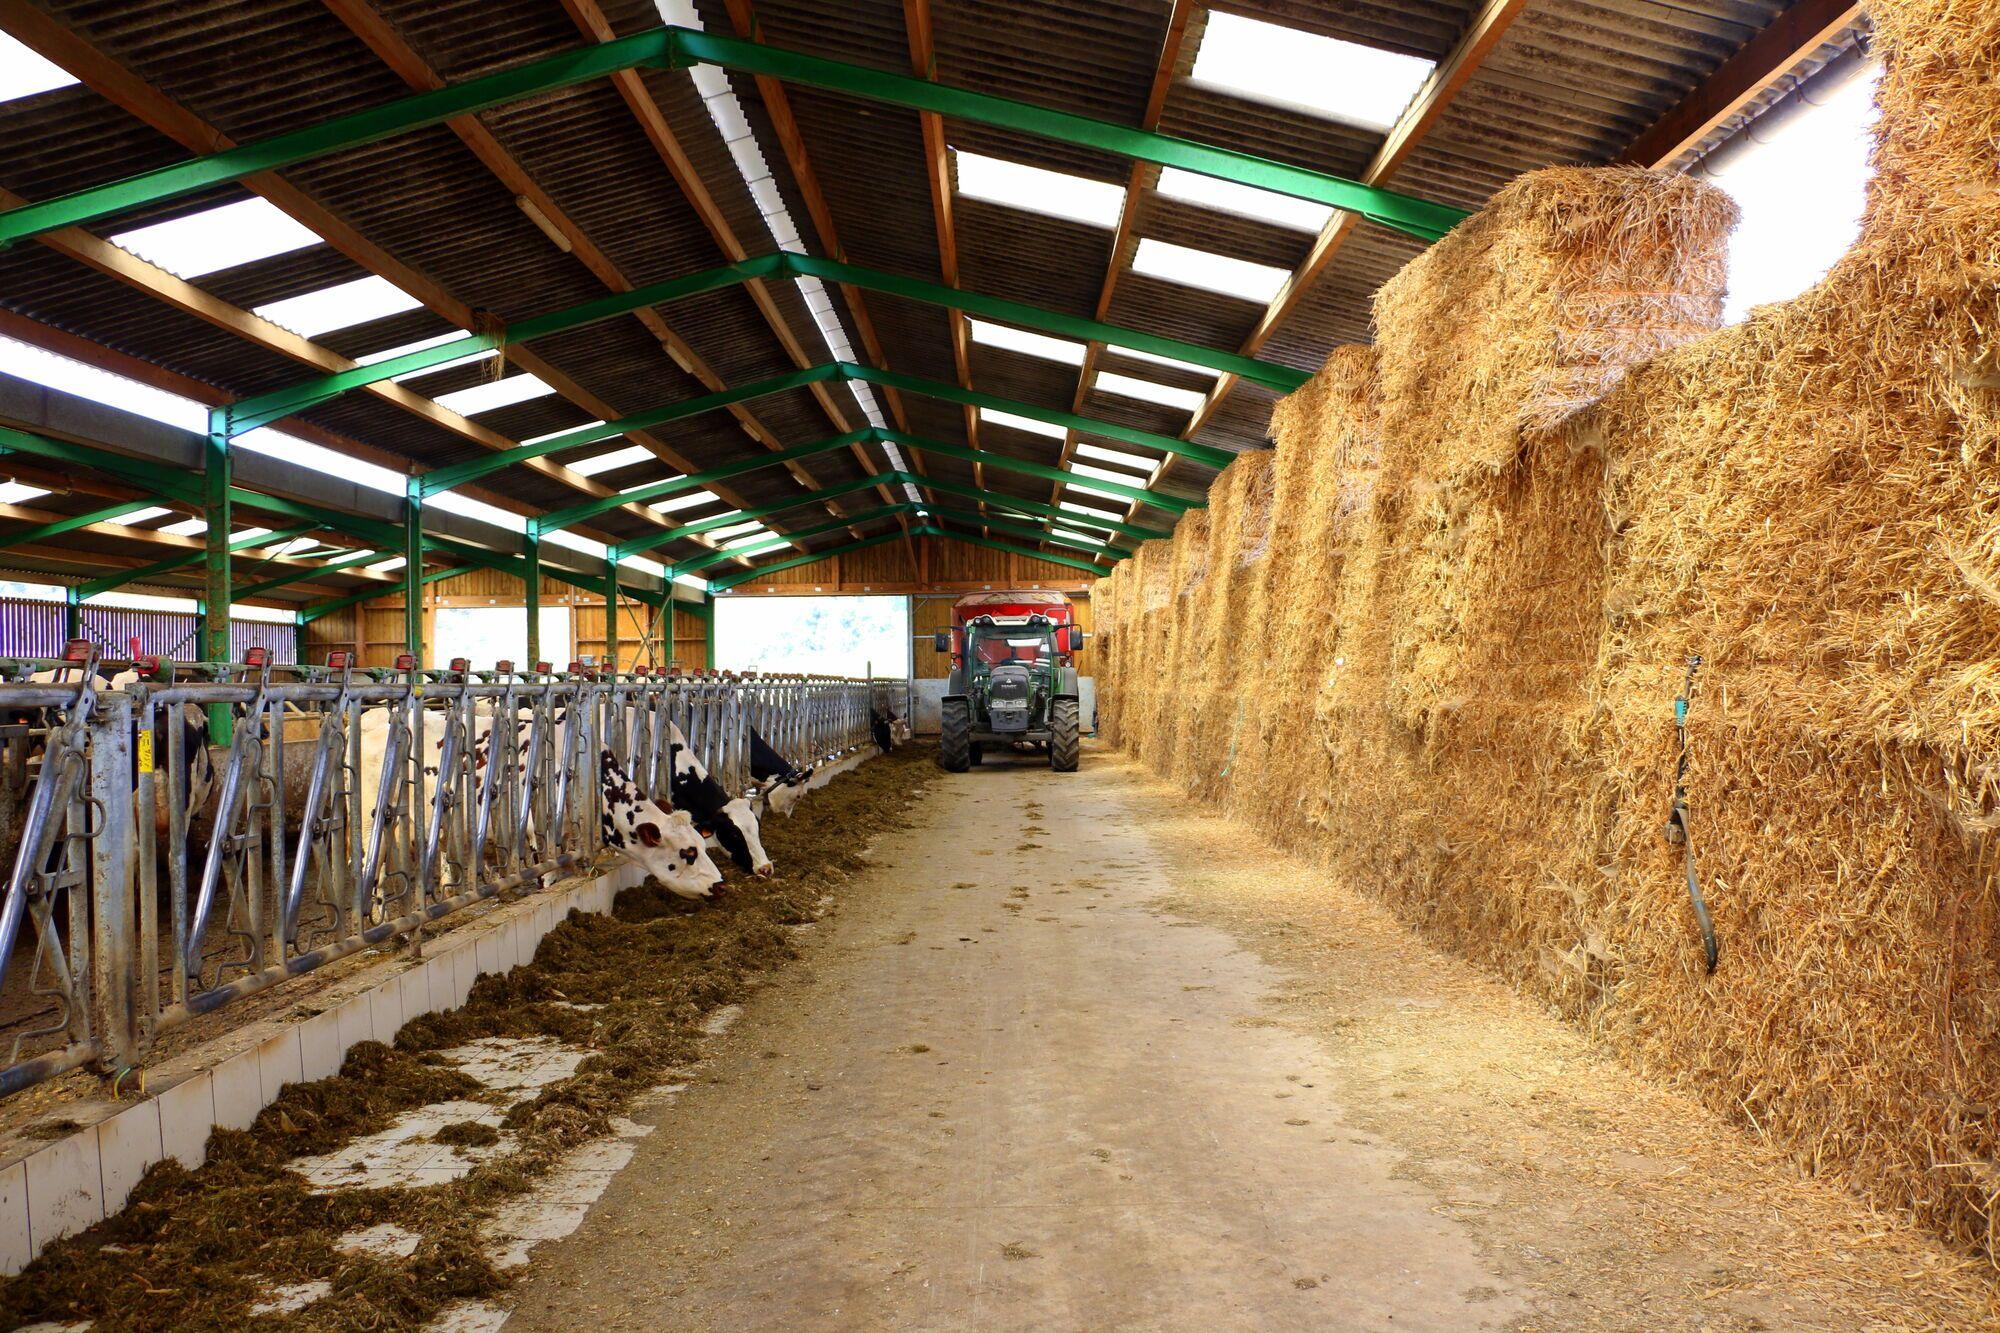 לדוראן יש עדר של 60 פרות האחראיות על ייצור החלב לגבינות הקממבר